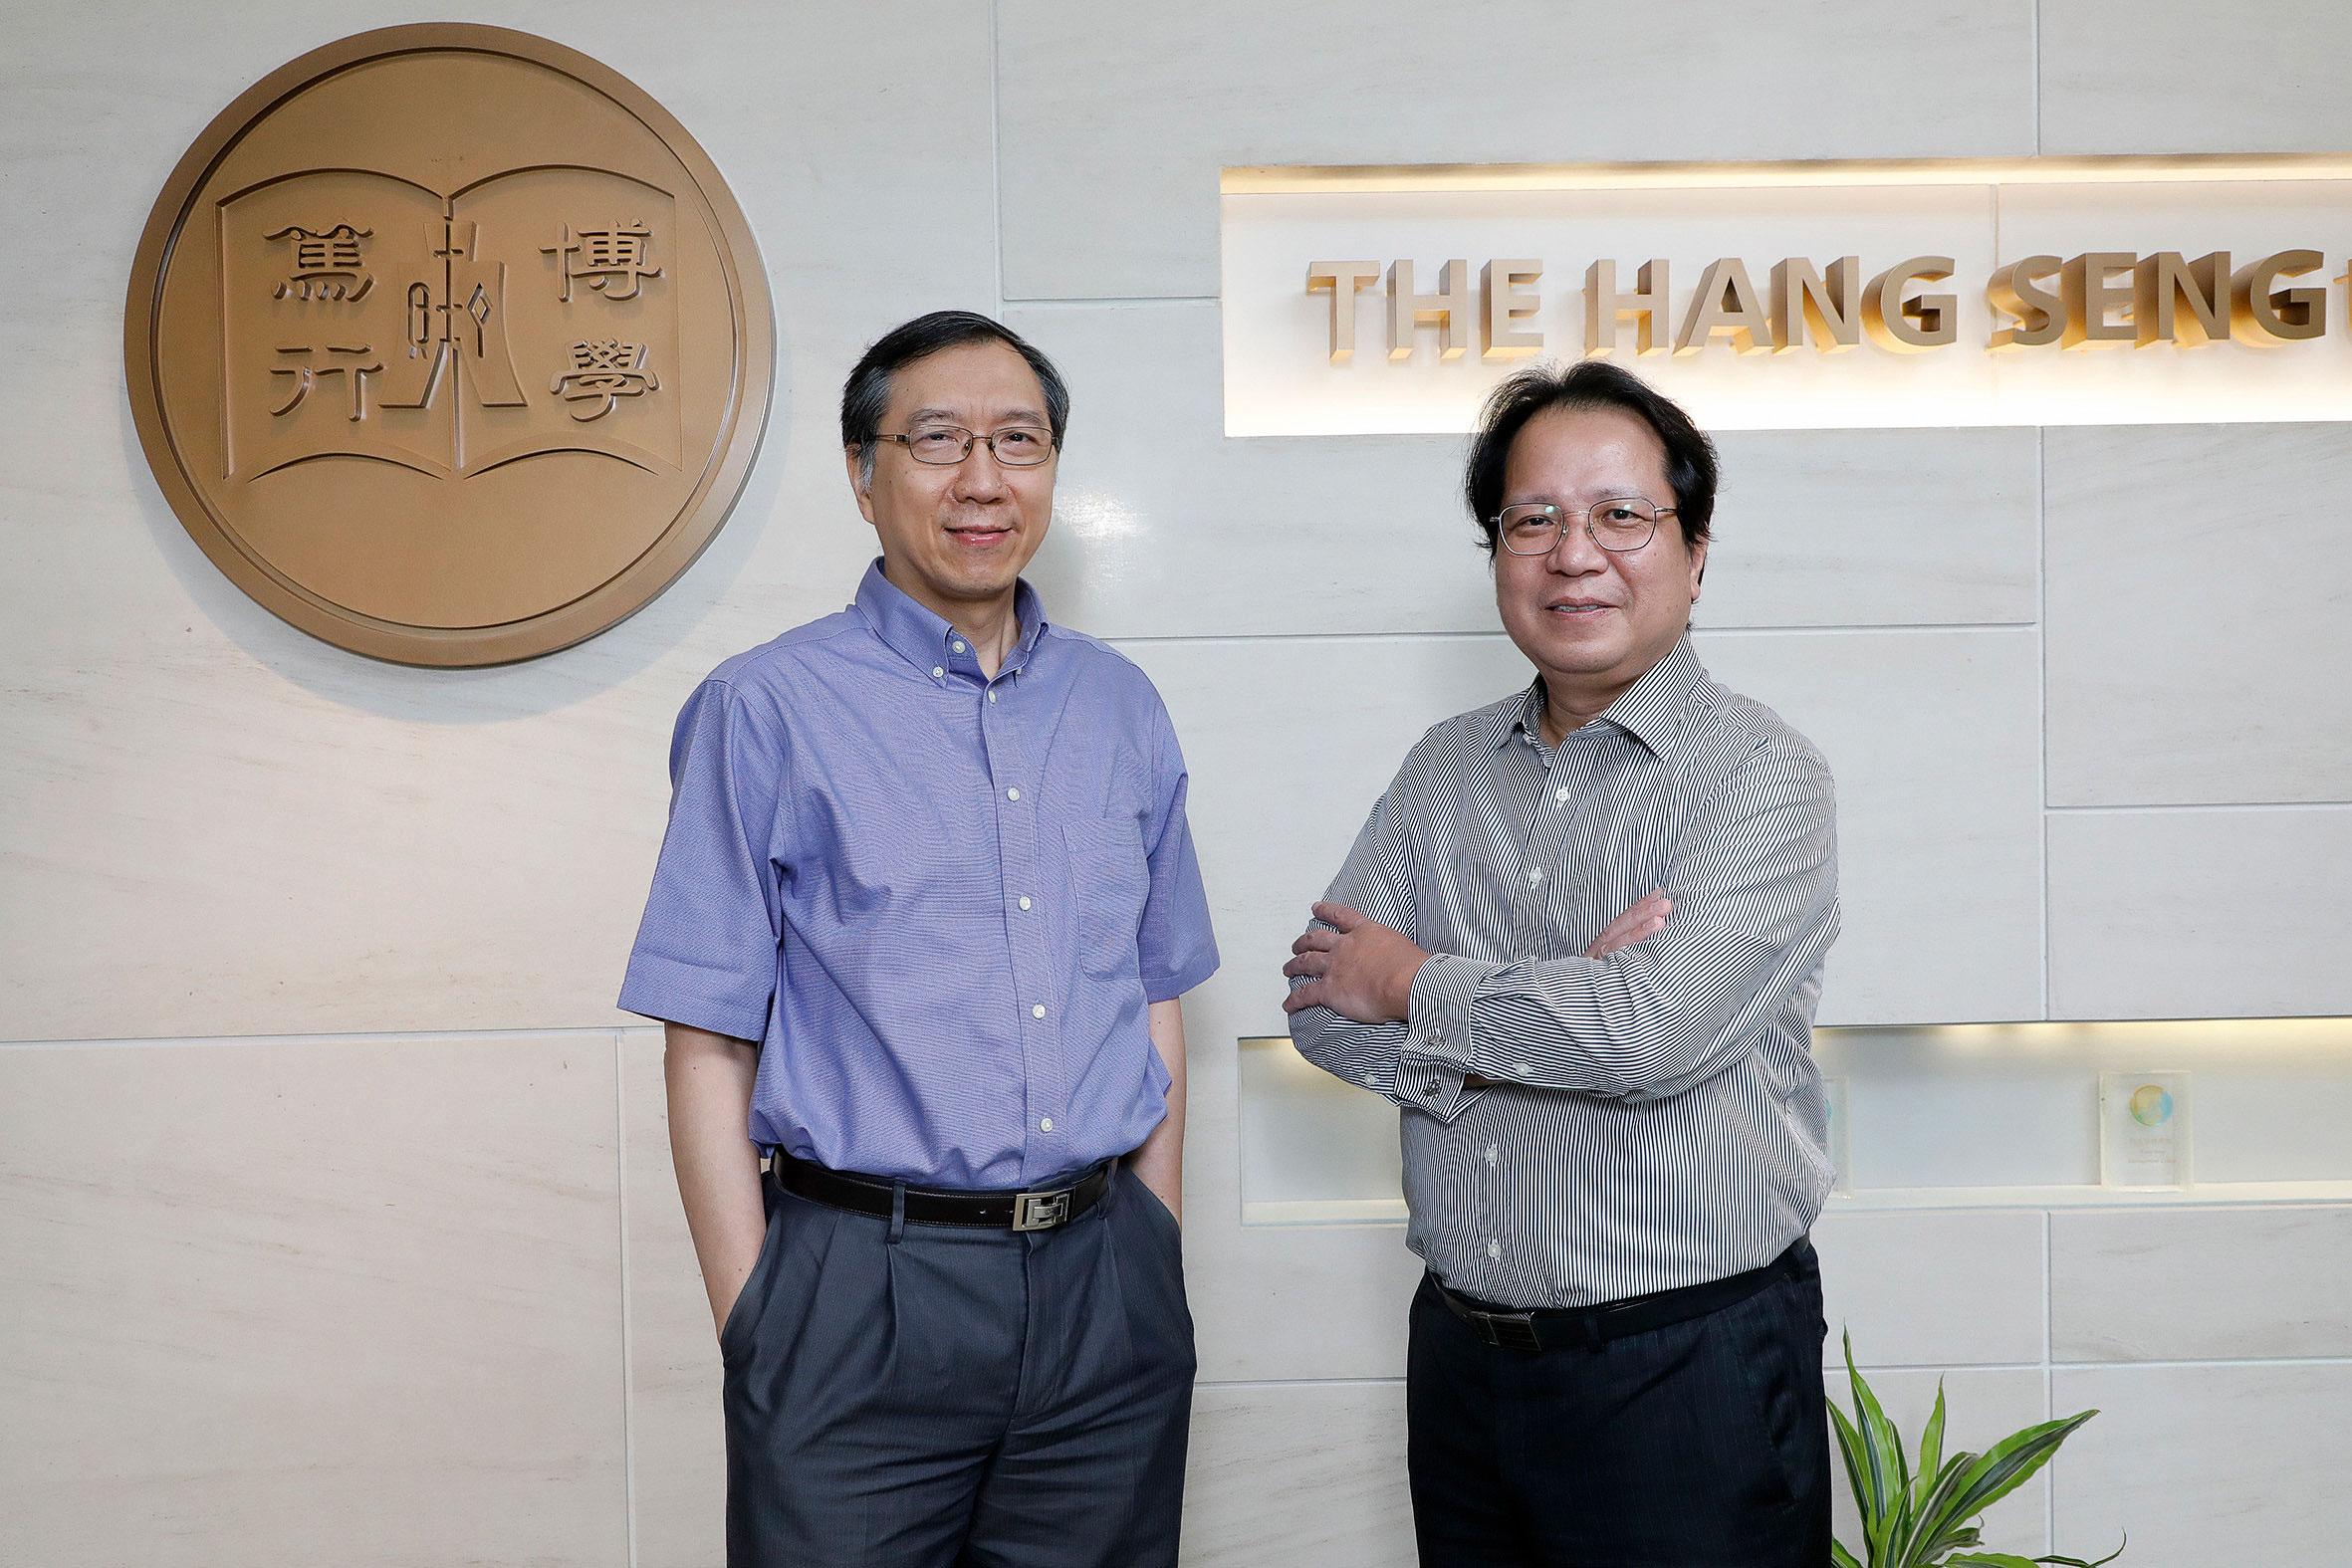 左起:恒大市場學系系主任及副教授陳克先博士、恒大市場學系副系主任池耀輝